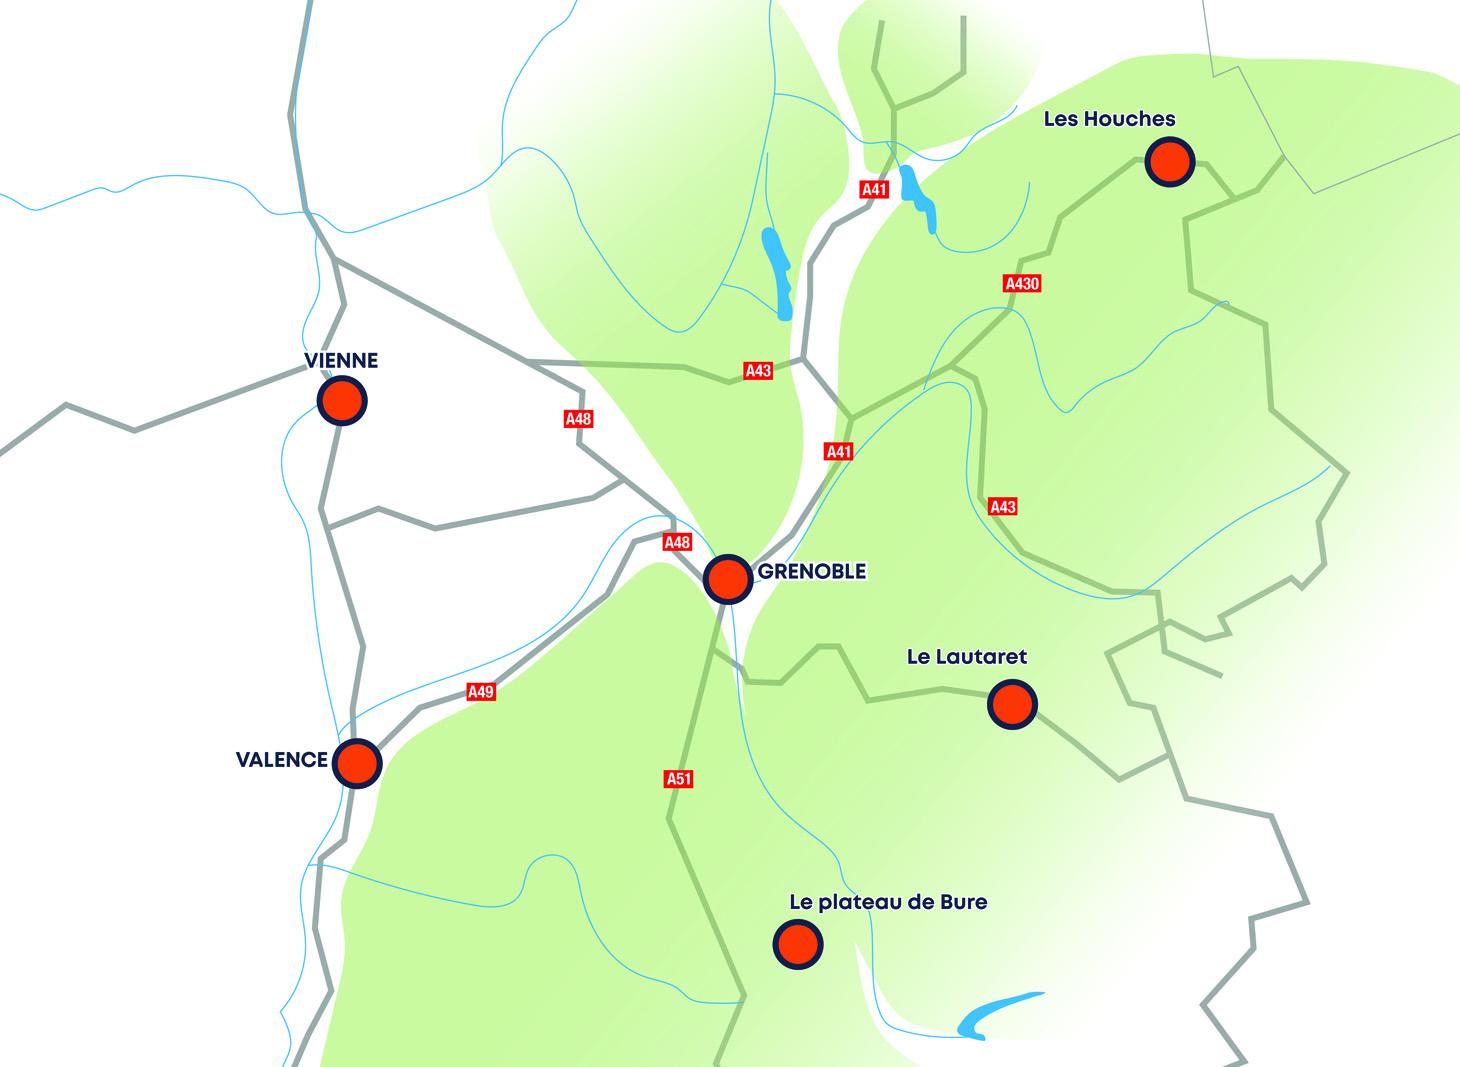 Carte géographique des campus de l'Université Grenoble Alpes